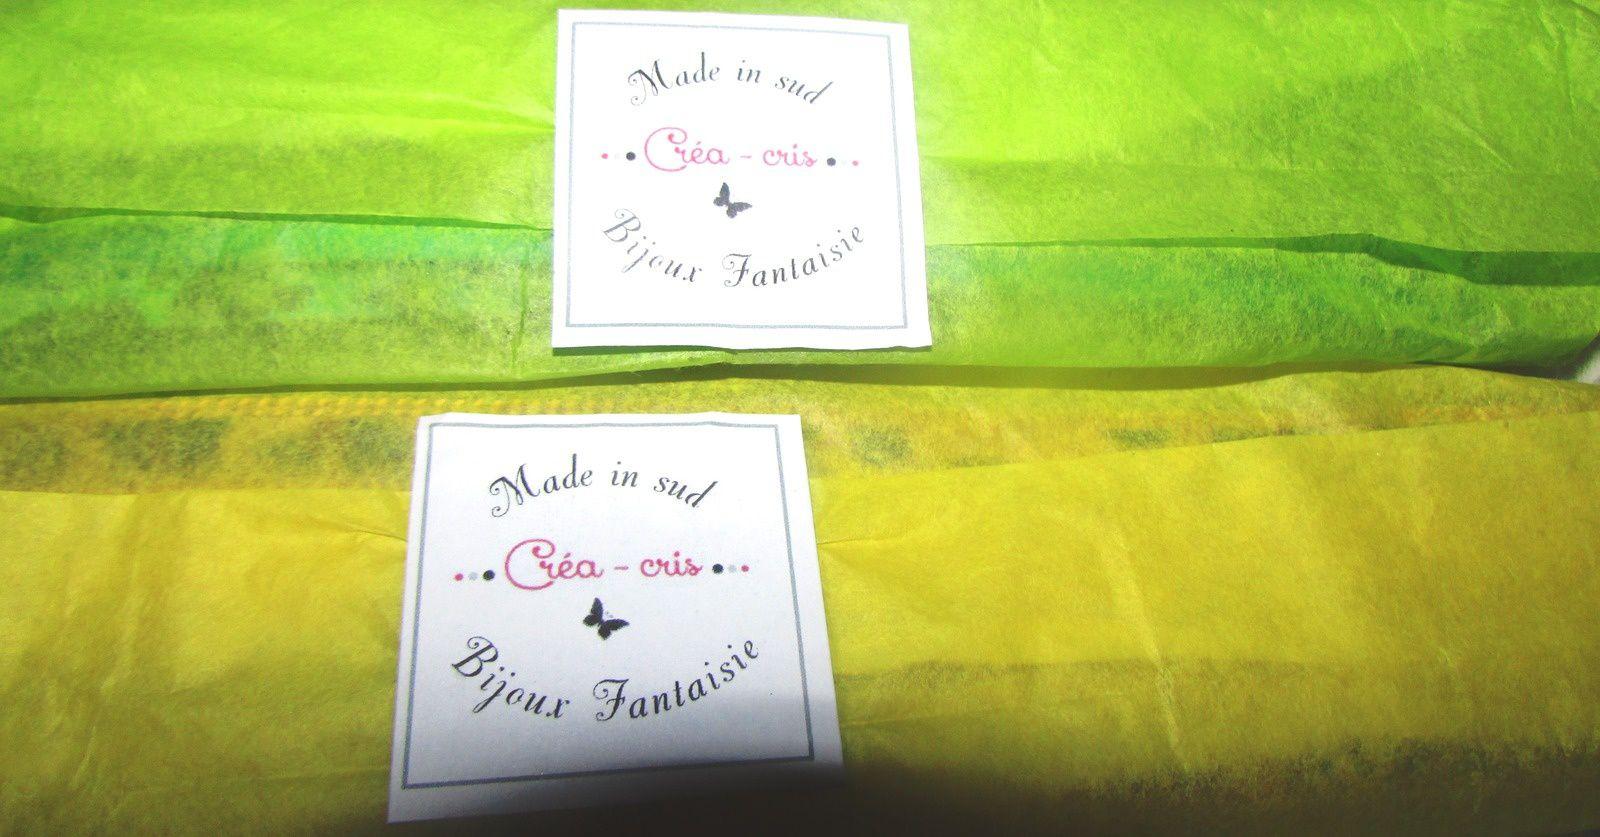 Manchette Léopard Love Summer Vert Eau signée Créa- Cris +CONCOURS A SUIVRE